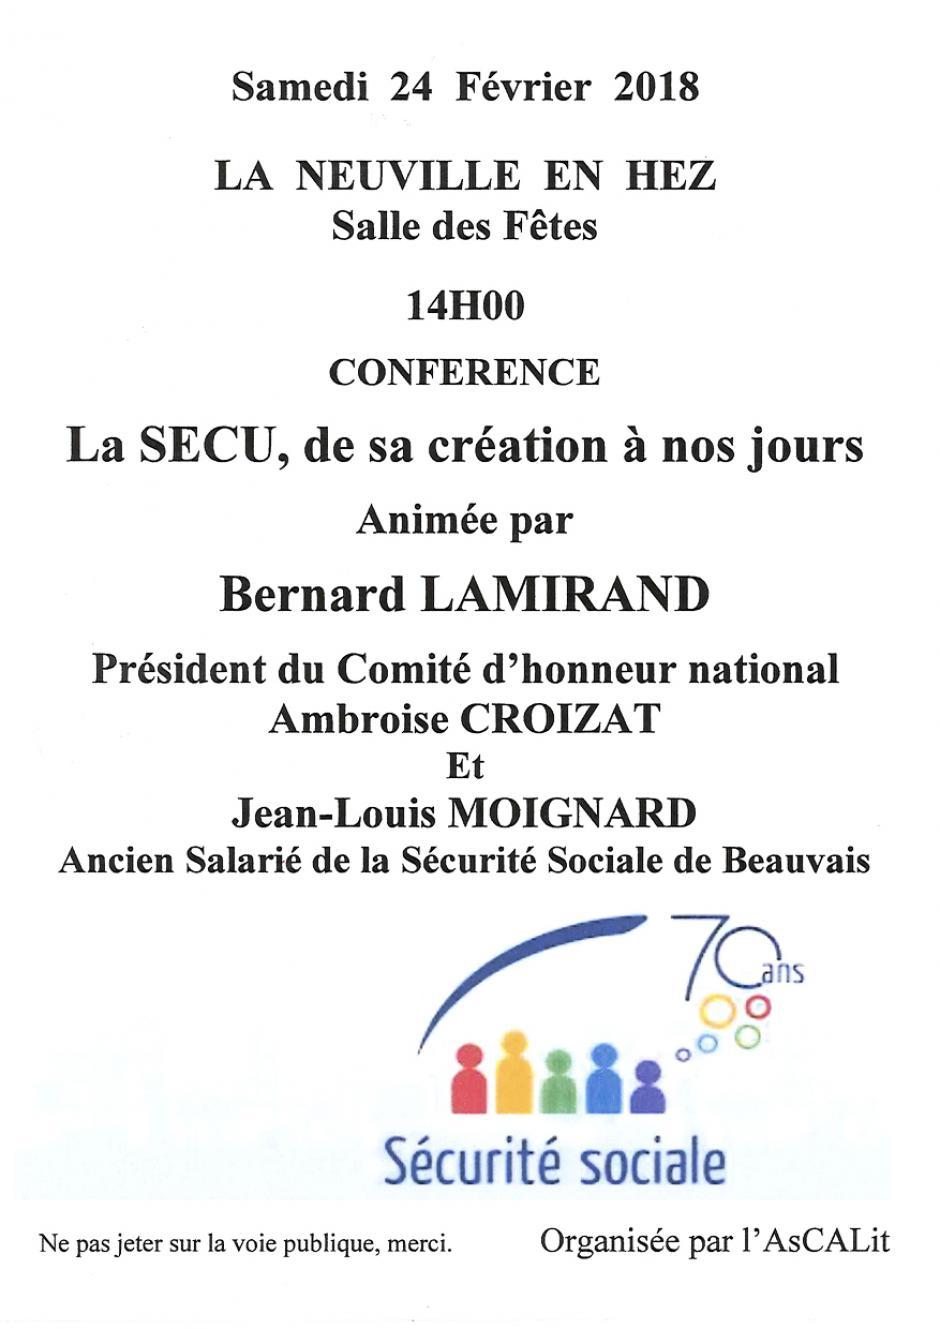 24 février, La Neuville-en-Hez - Conférence « La Sécu, de sa création à nos jours », avec Bernard Lamirand et Jean-Louis Moignard